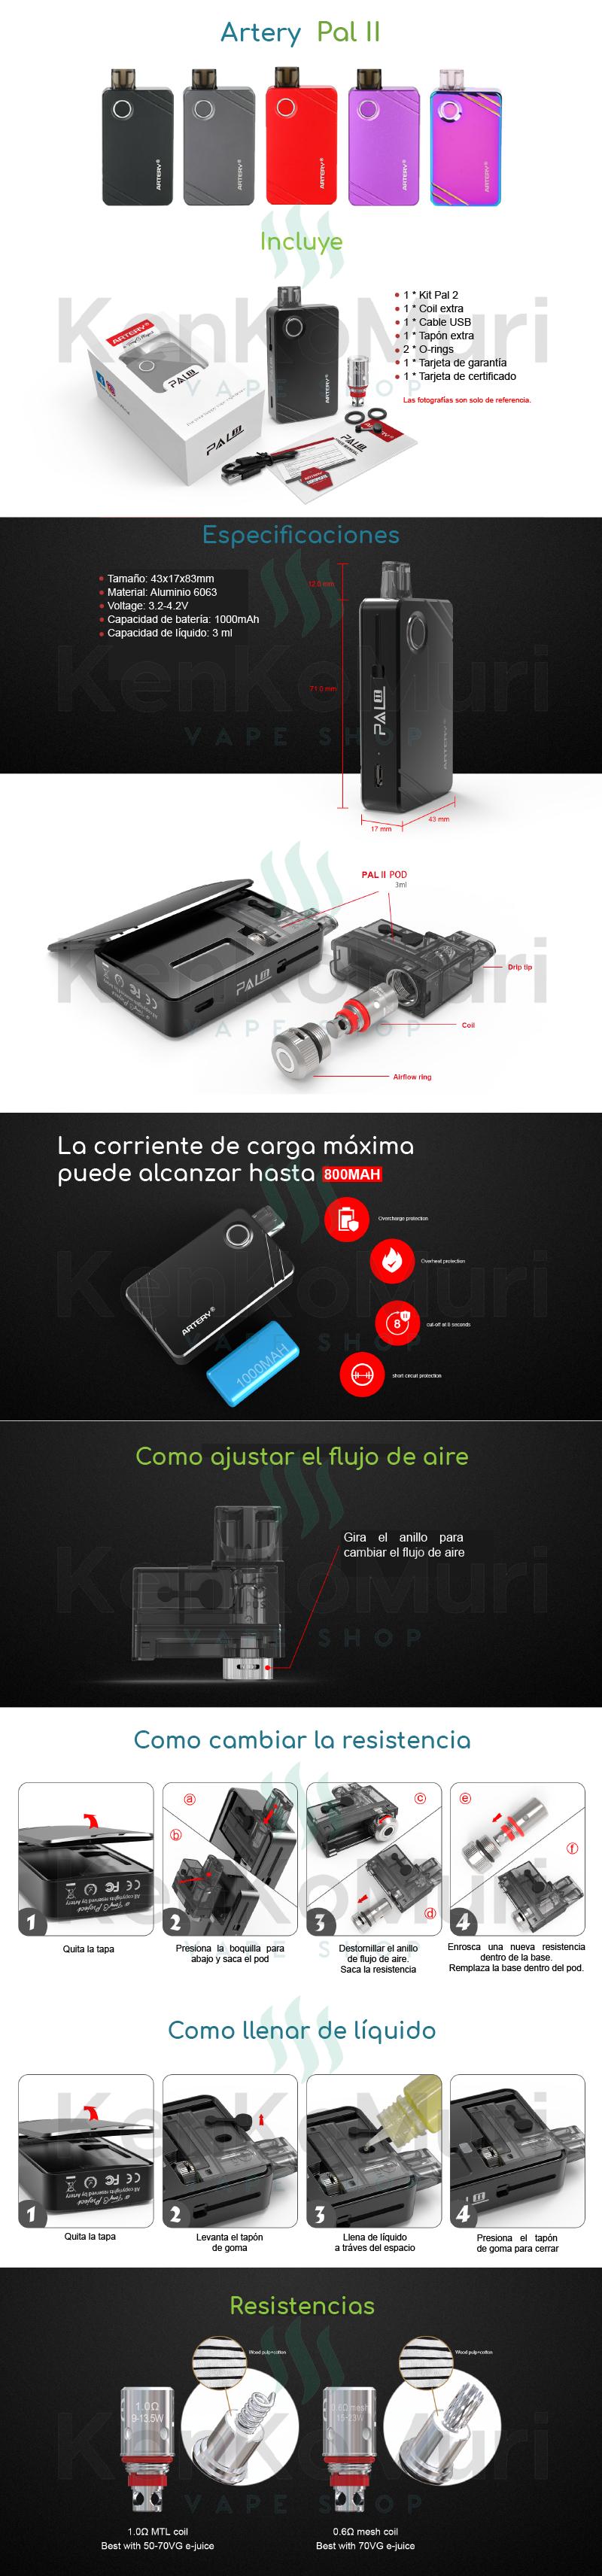 cigarroelectronico-vapeador-artery-pal-2-mexico-kenkomuri